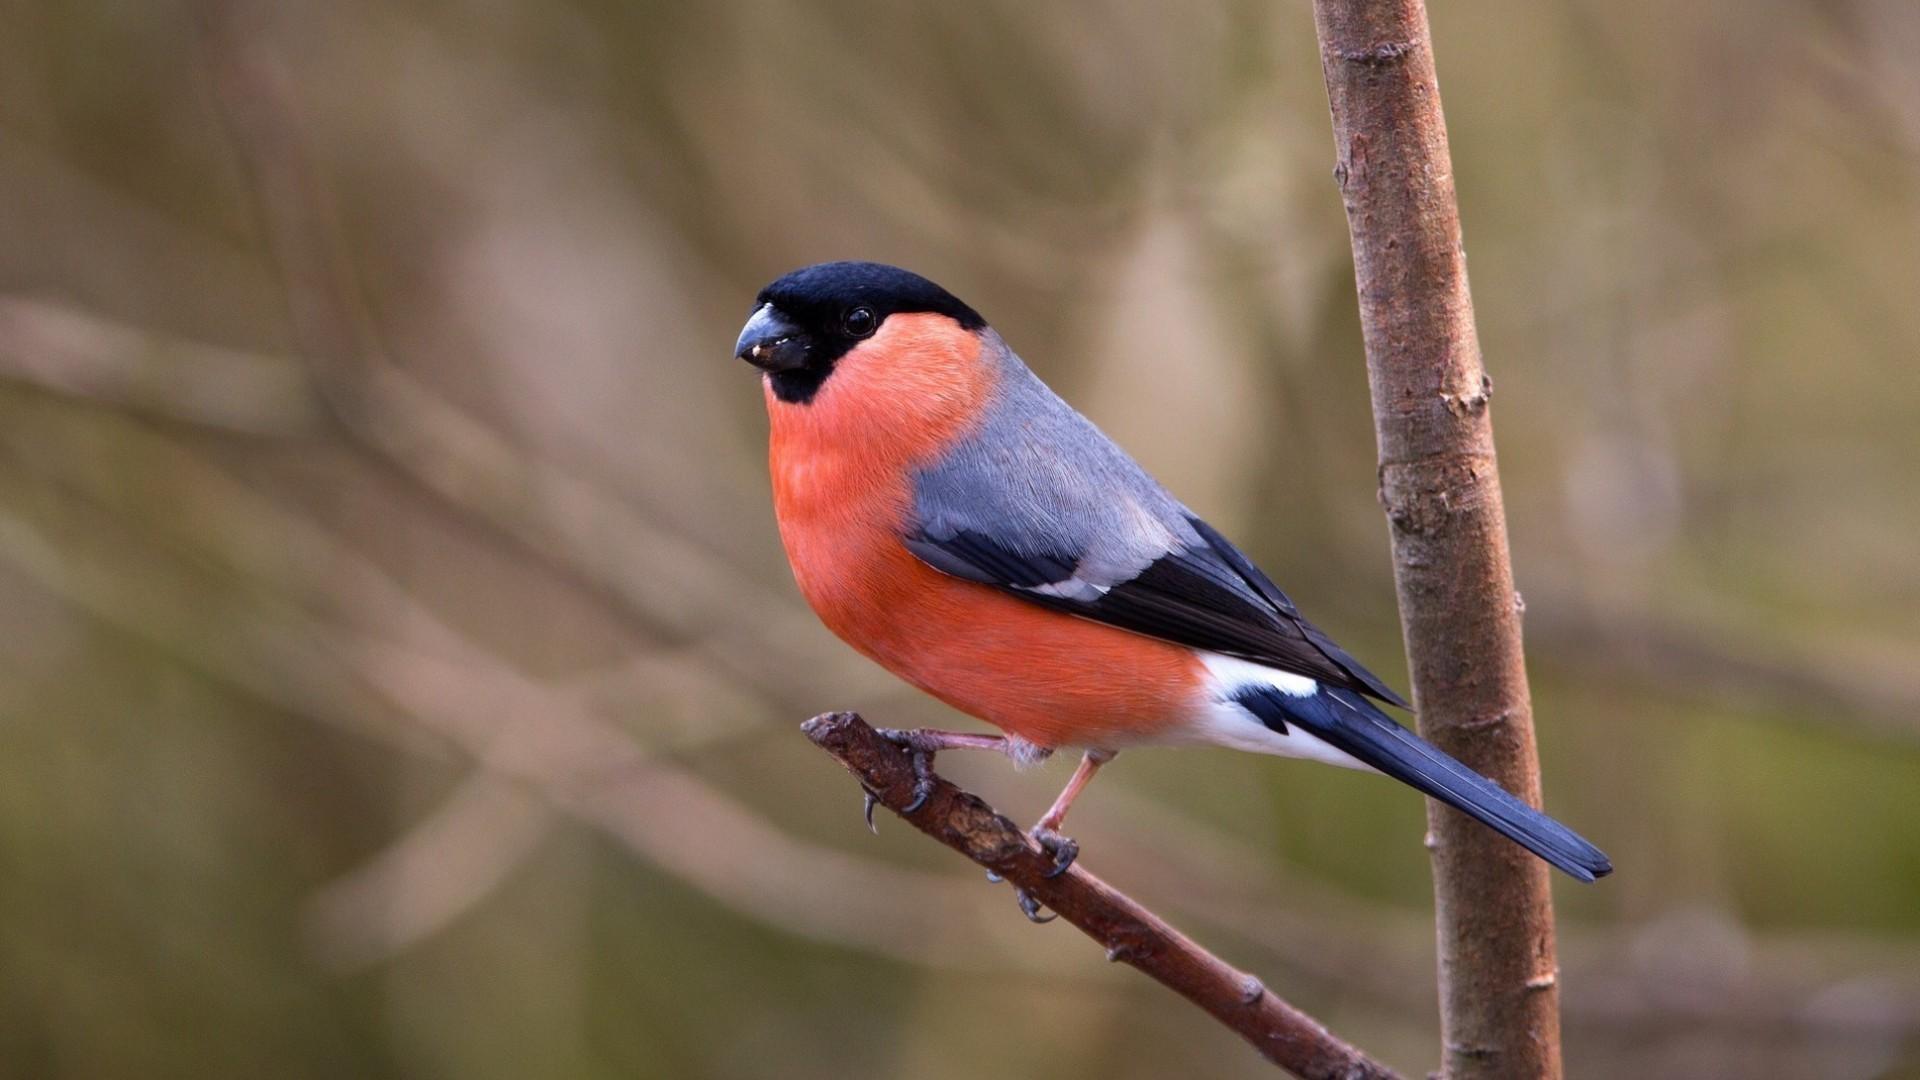 Hintergrundbilder Vögel Natur Ast Tierwelt Gimpel Zweige